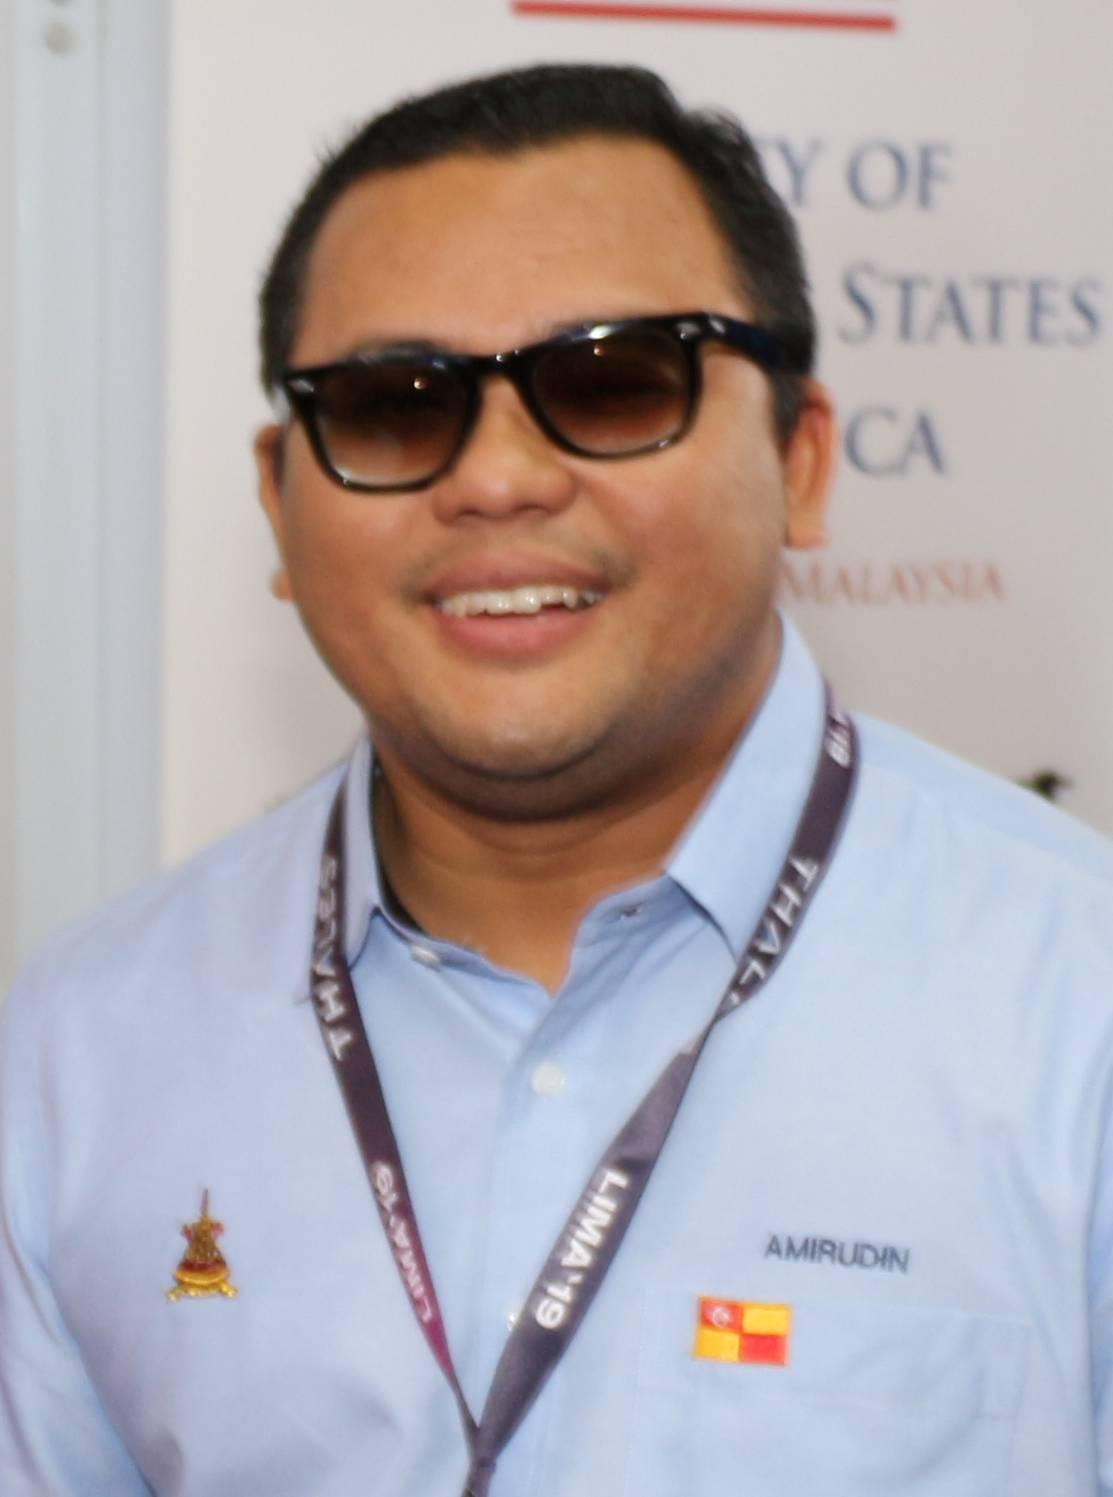 Amirudin Shari - Wikipedia